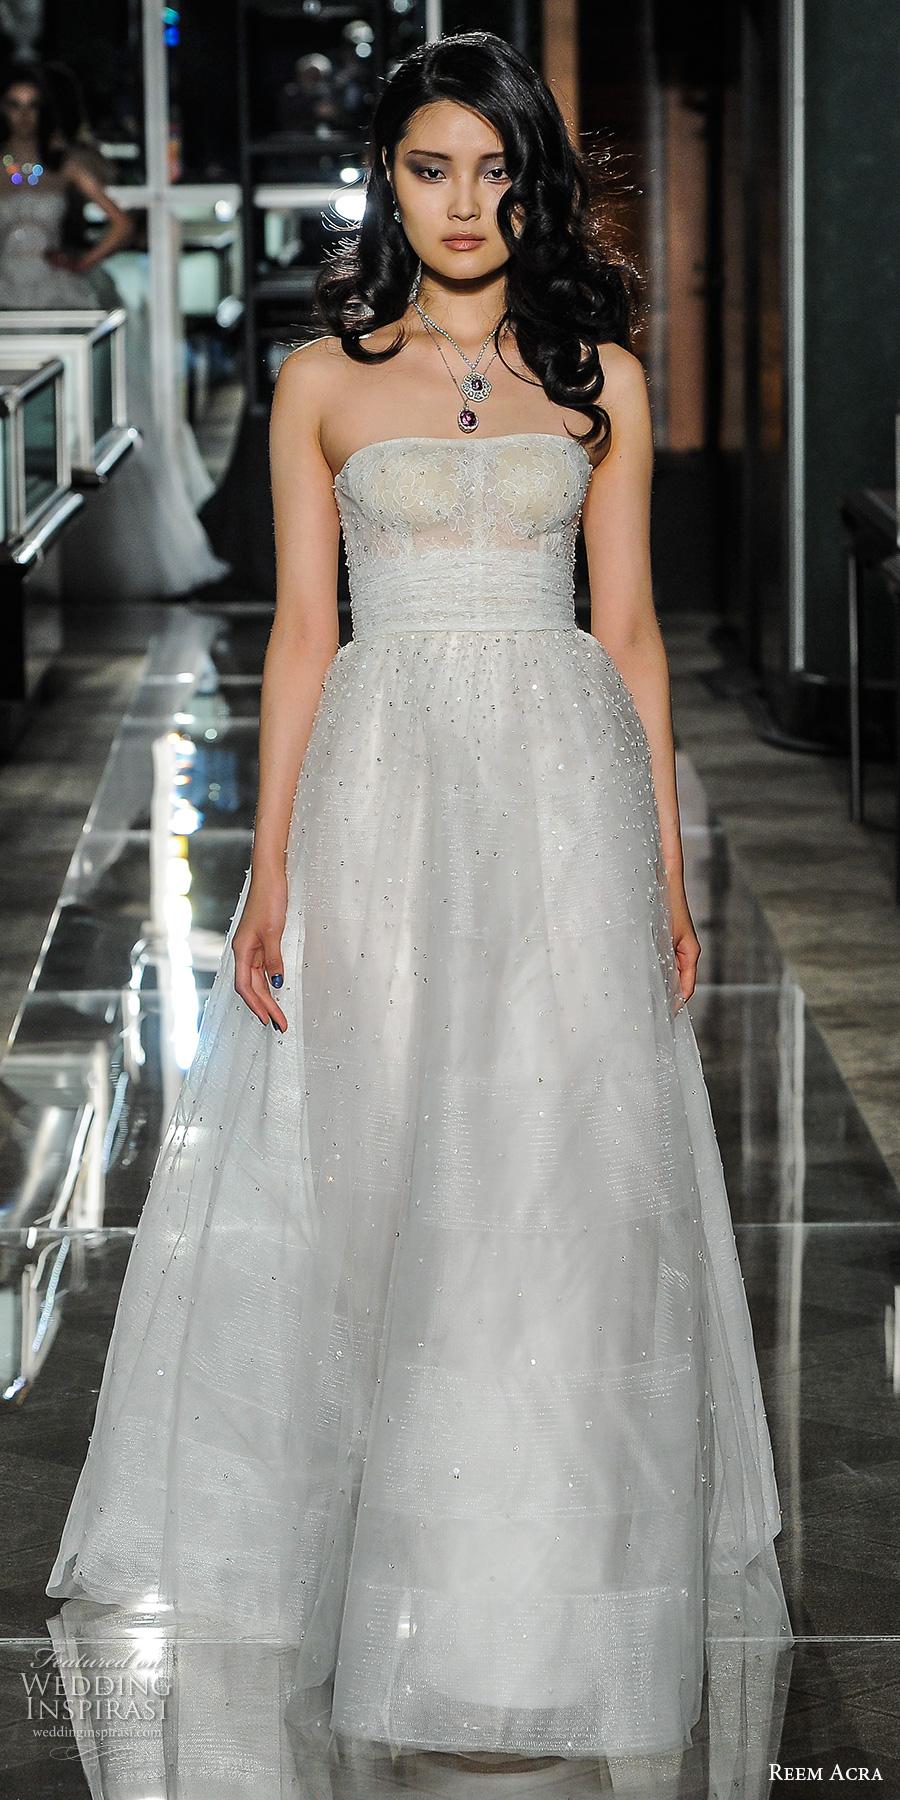 reem acra spring 2018 bridal strapless straight across neckline light embellishment tulle skirt romantic a line wedding dress short train (18couture) mv